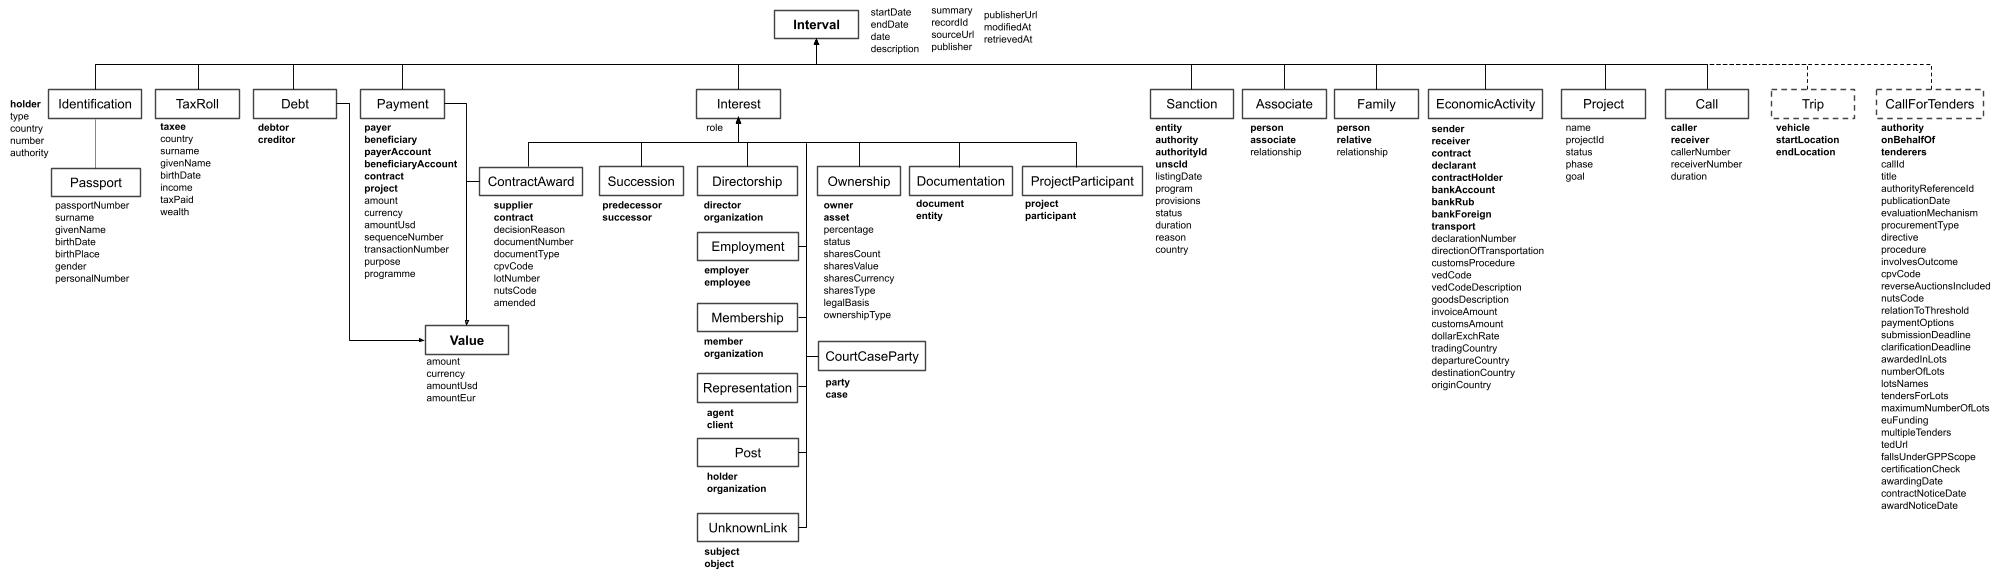 The Interval schema